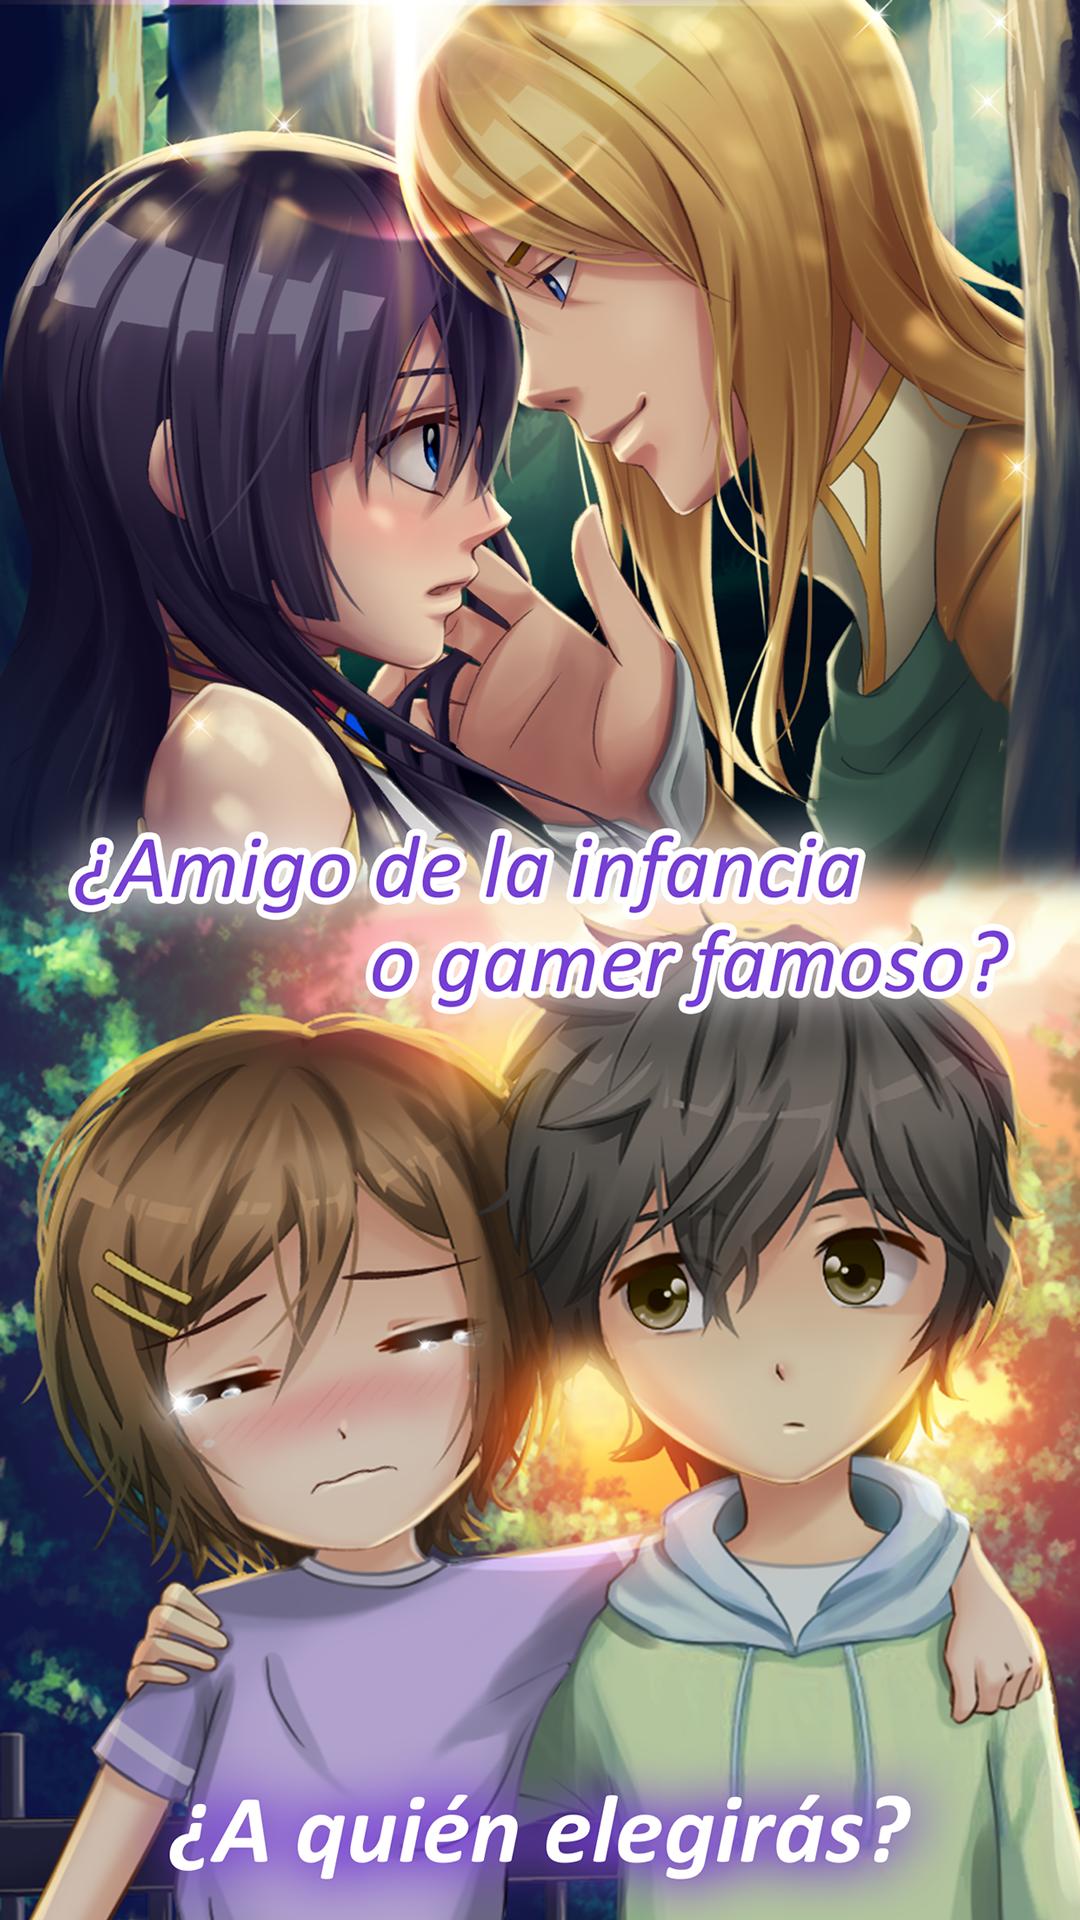 Shadowtime: Juegos de anime y manga - Historia de amor